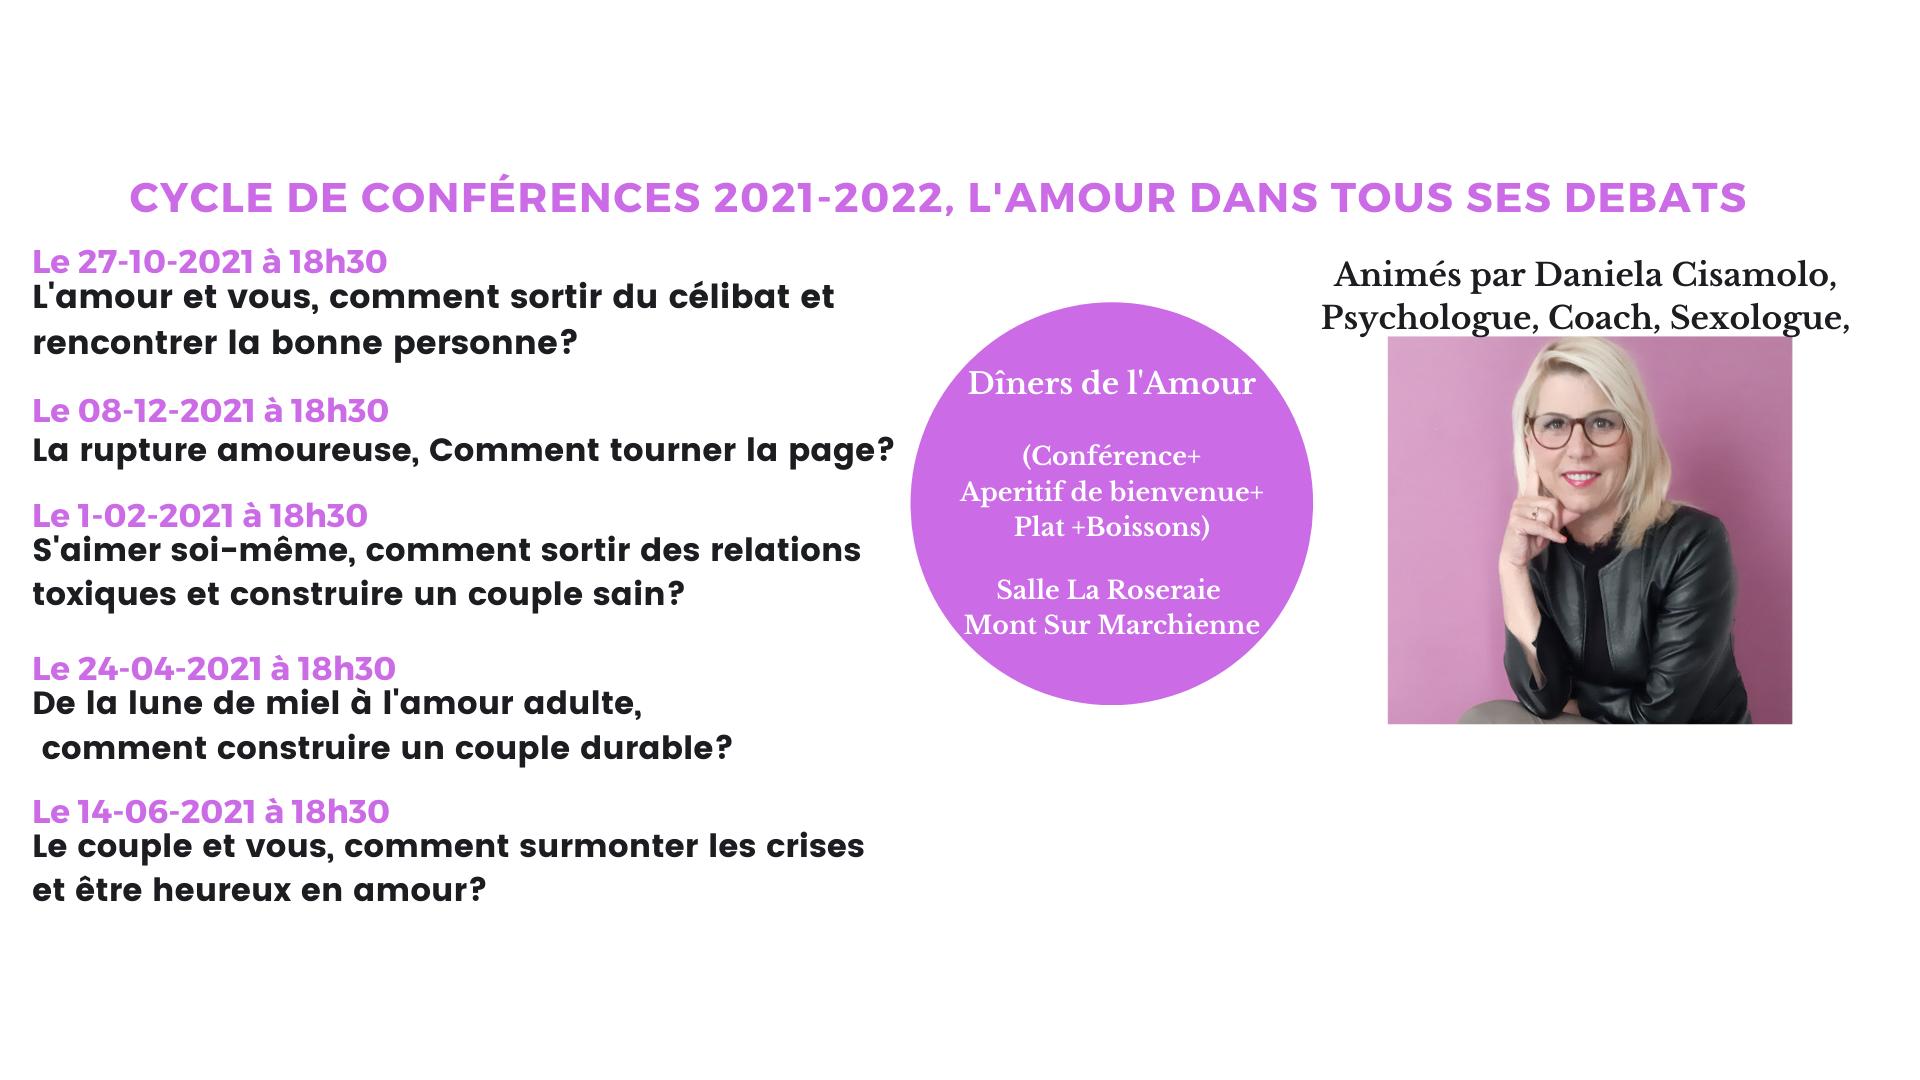 Conférences 2021-2022